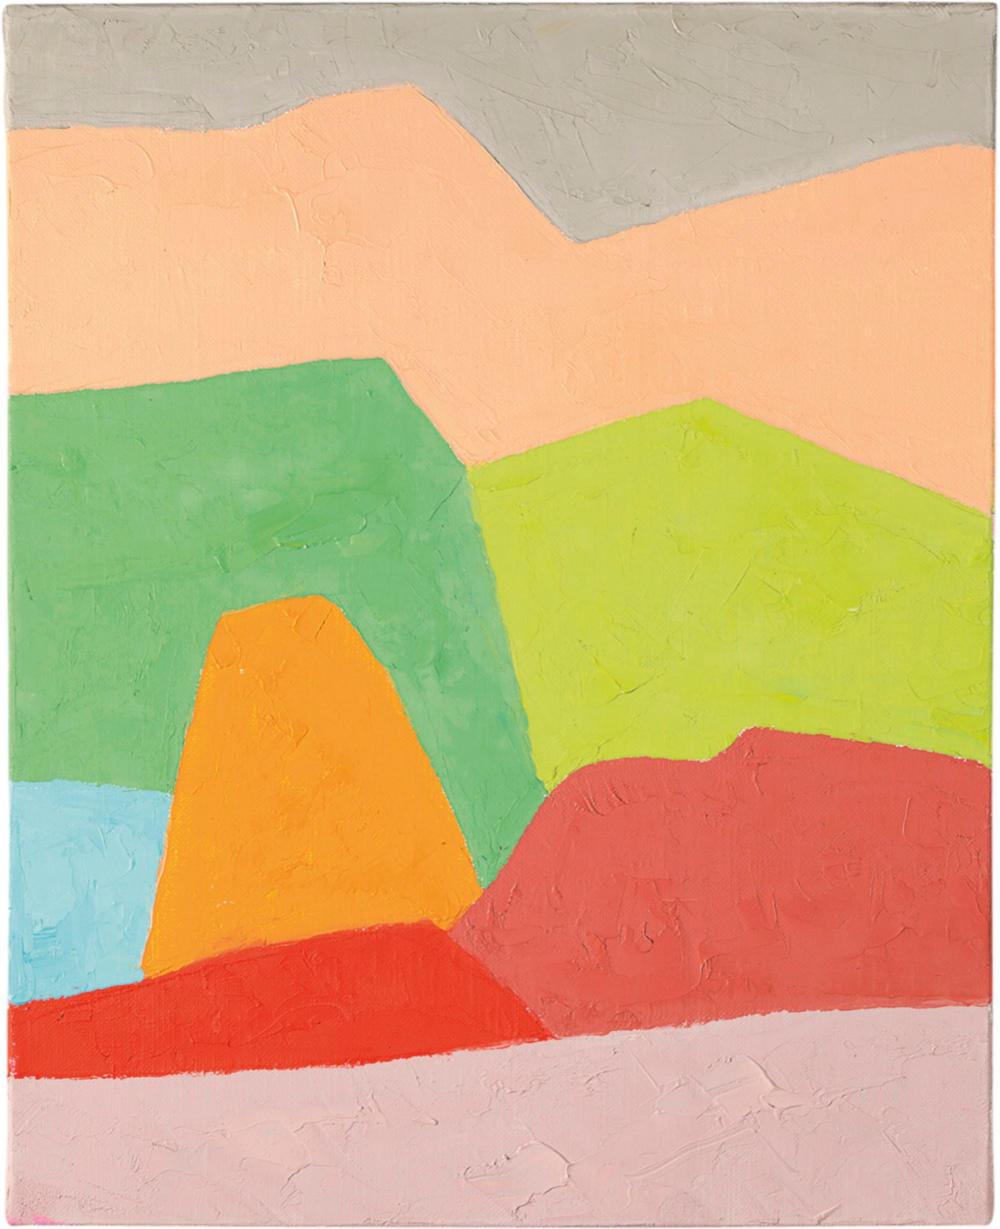 Etel Adnan, Untitled, 2019. Oil on canvas 41 x 33 cm (16.14 x 12.99 in) Courtesy Galerie Lelong & Co. © Etel Adnan, Courtesy Galerie Lelong & Co.